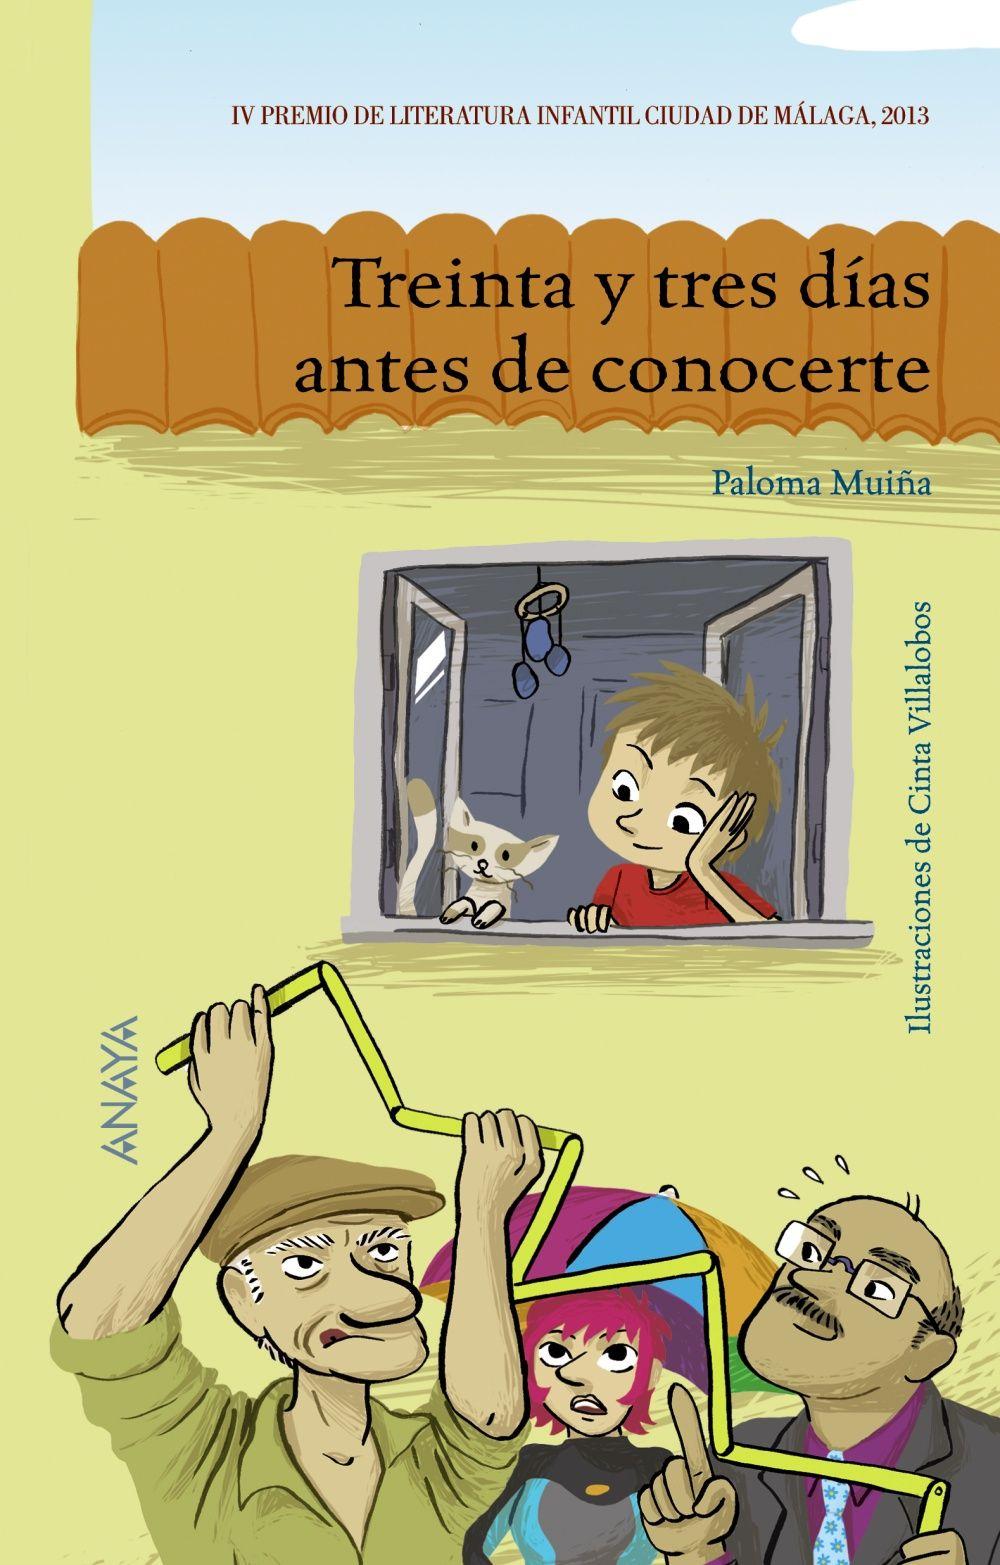 TREINTA Y TRES DÍAS ANTES DE CONOCERTE